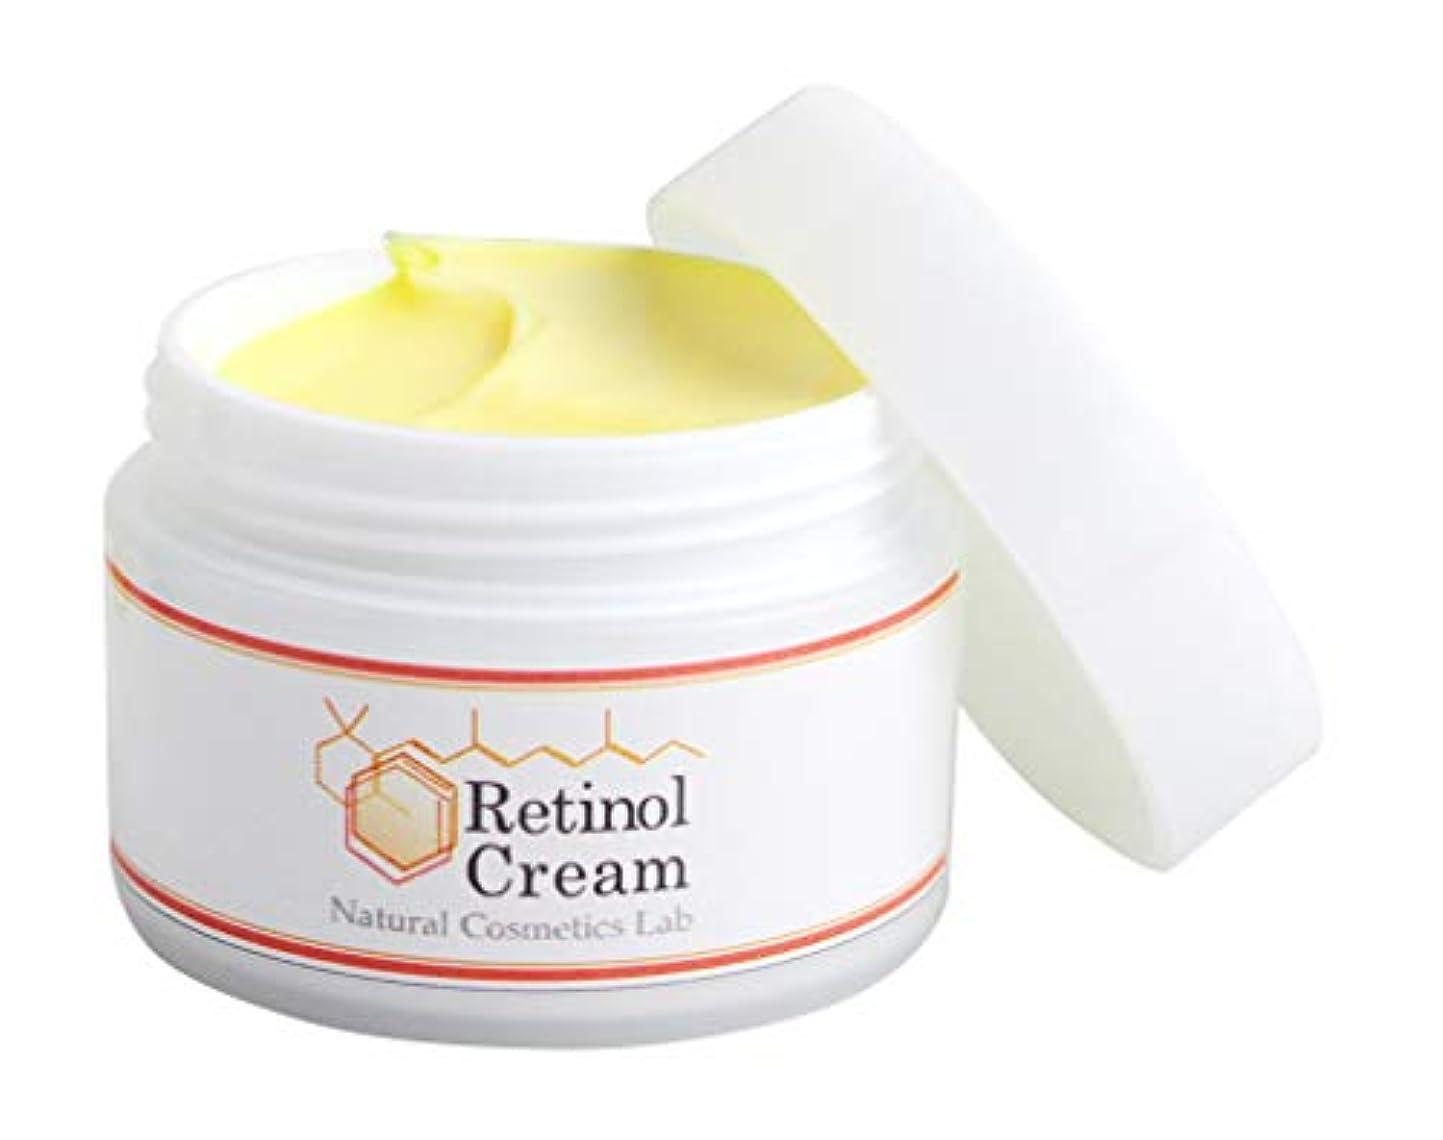 ブルゴーニュ混乱従来の自然化粧品研究所 レチノールクリーム 35g